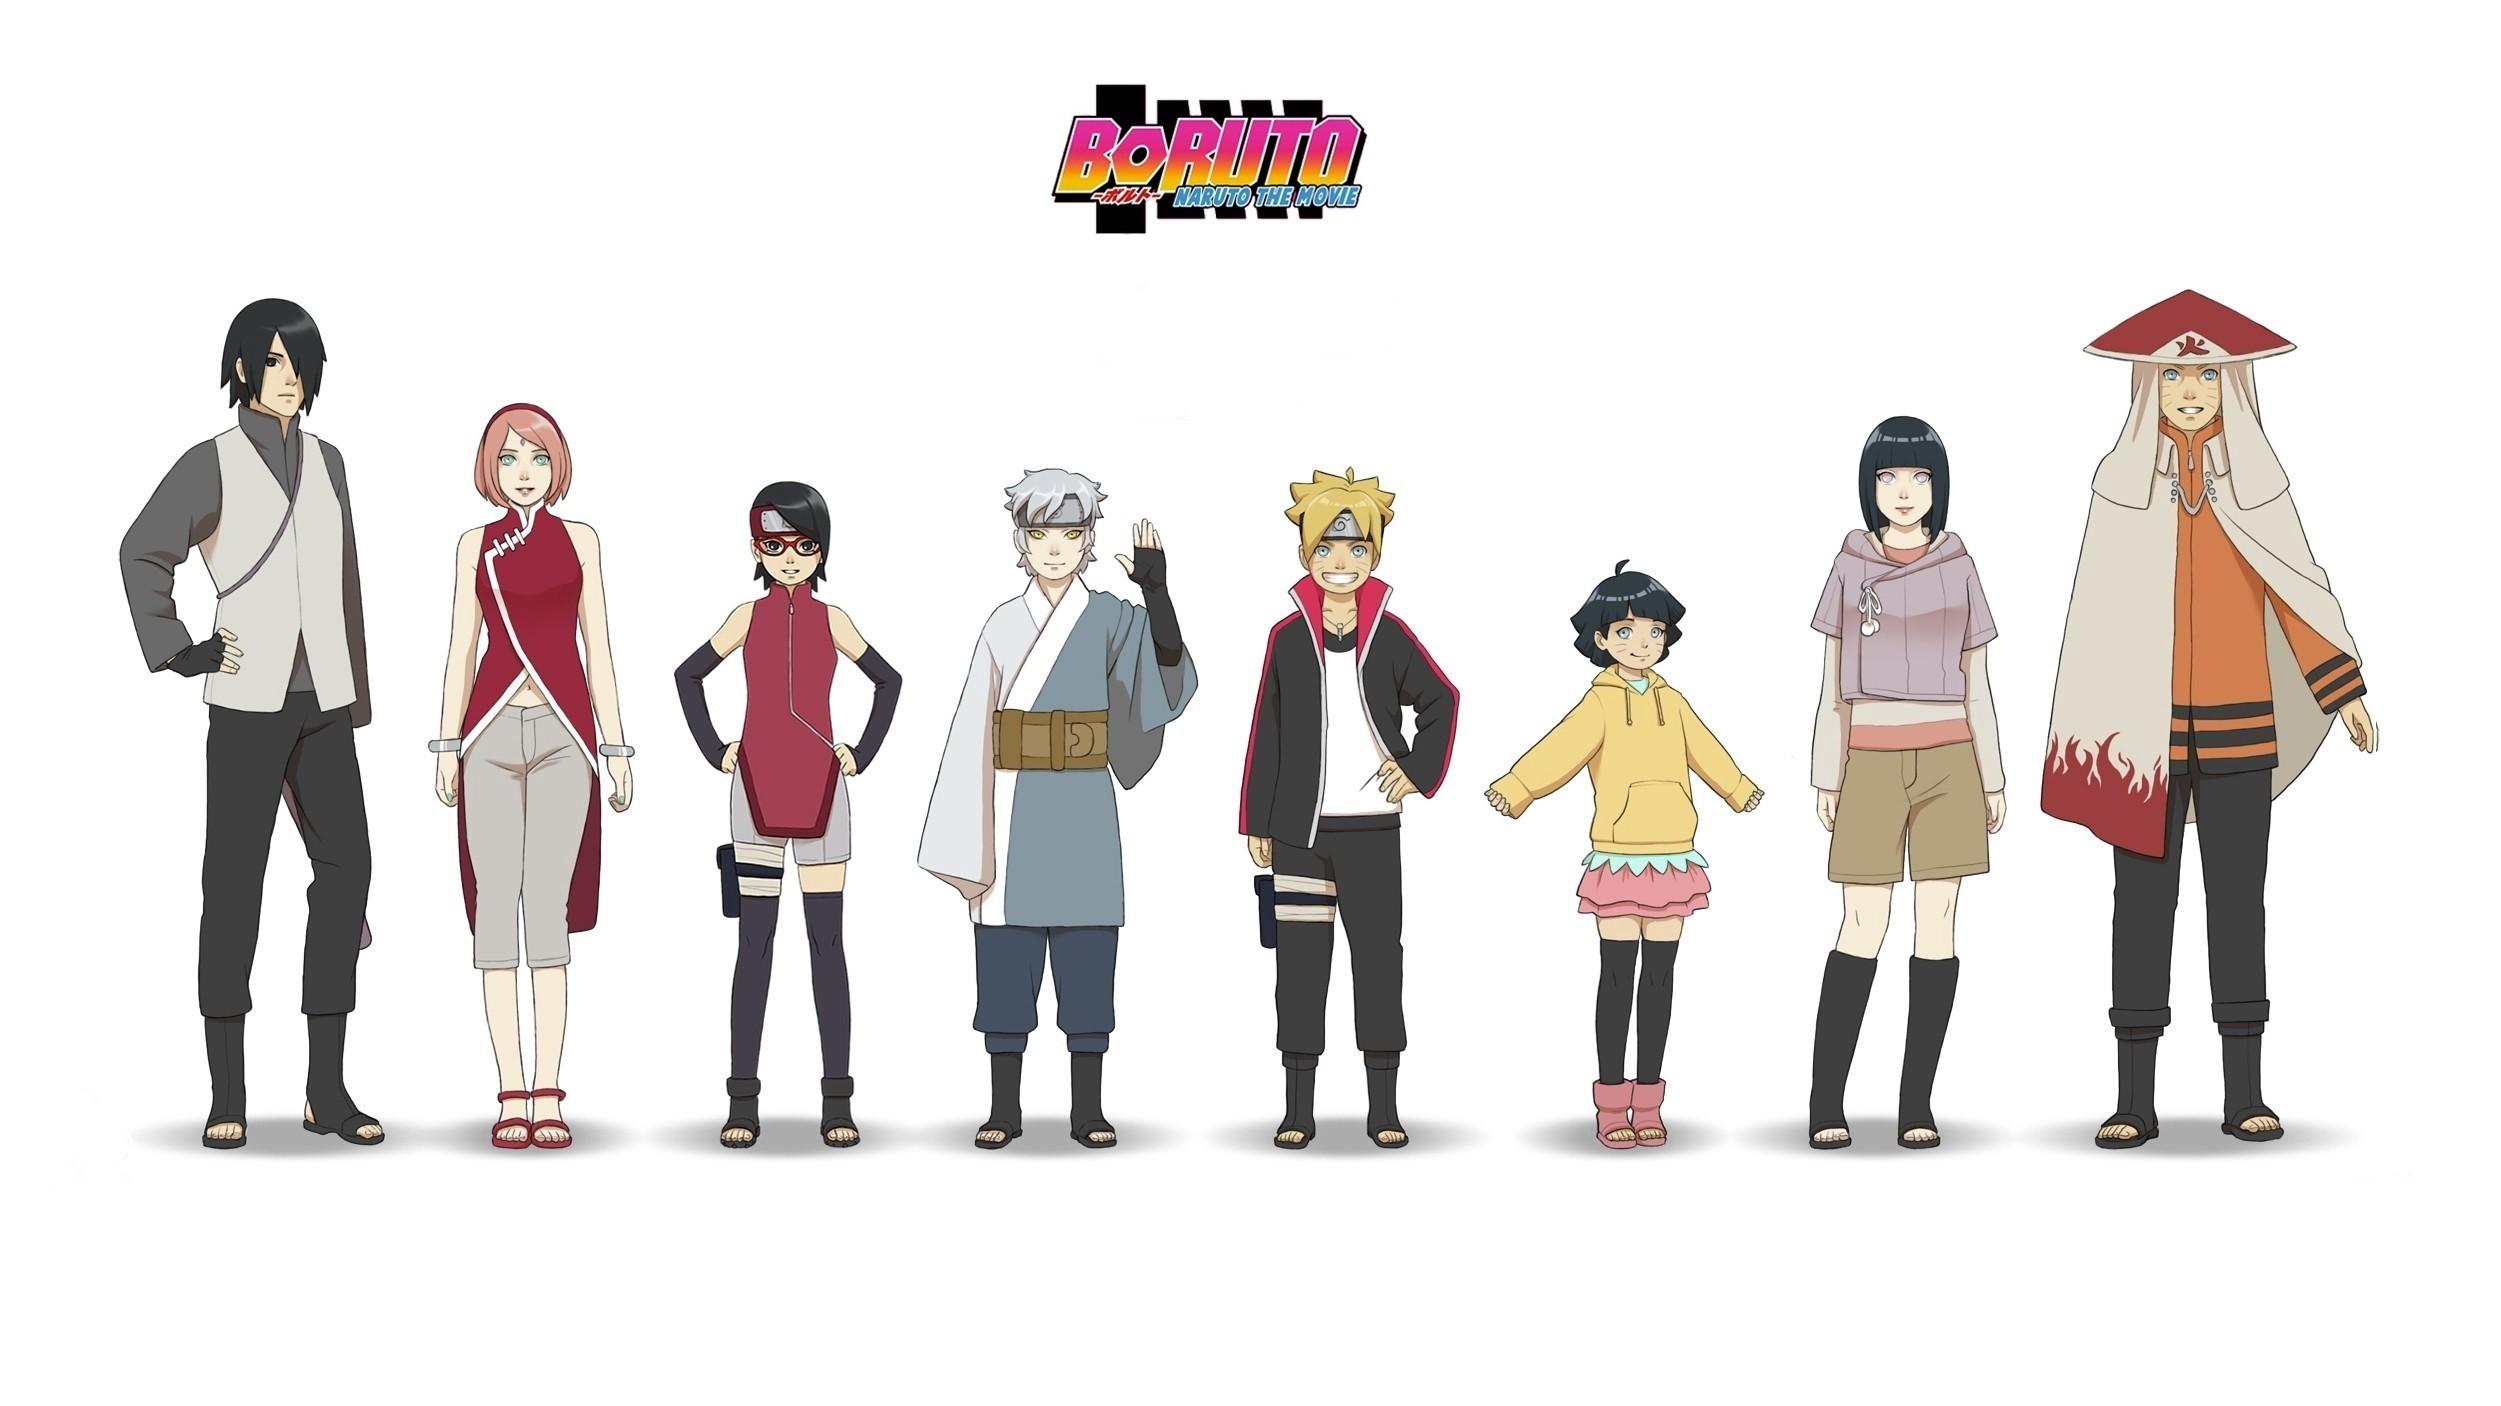 Anime – Boruto: Naruto the Movie Boruto Uzumaki Naruto Naruto Uzumaki  Hinata HyÅ«ga Himawari Uzumaki